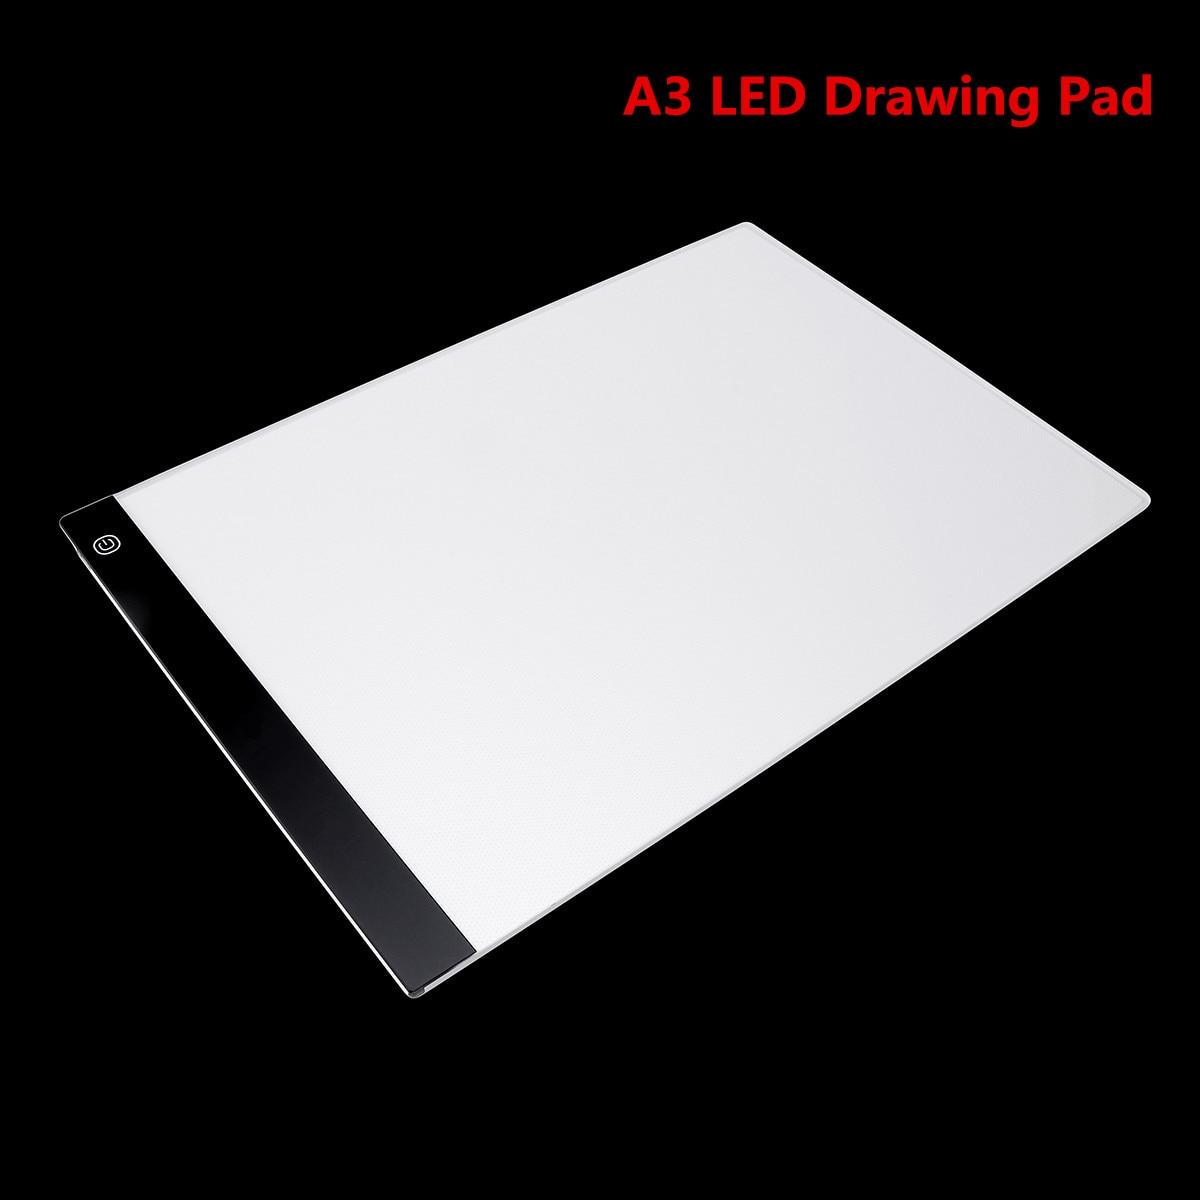 Numérique Dessin Tablet Pad A3 LED Dessin Pad Boîte Conseil Dessin Traçage Tracer Copie Conseil Table Pad Led Lumière Pad copie Conseil